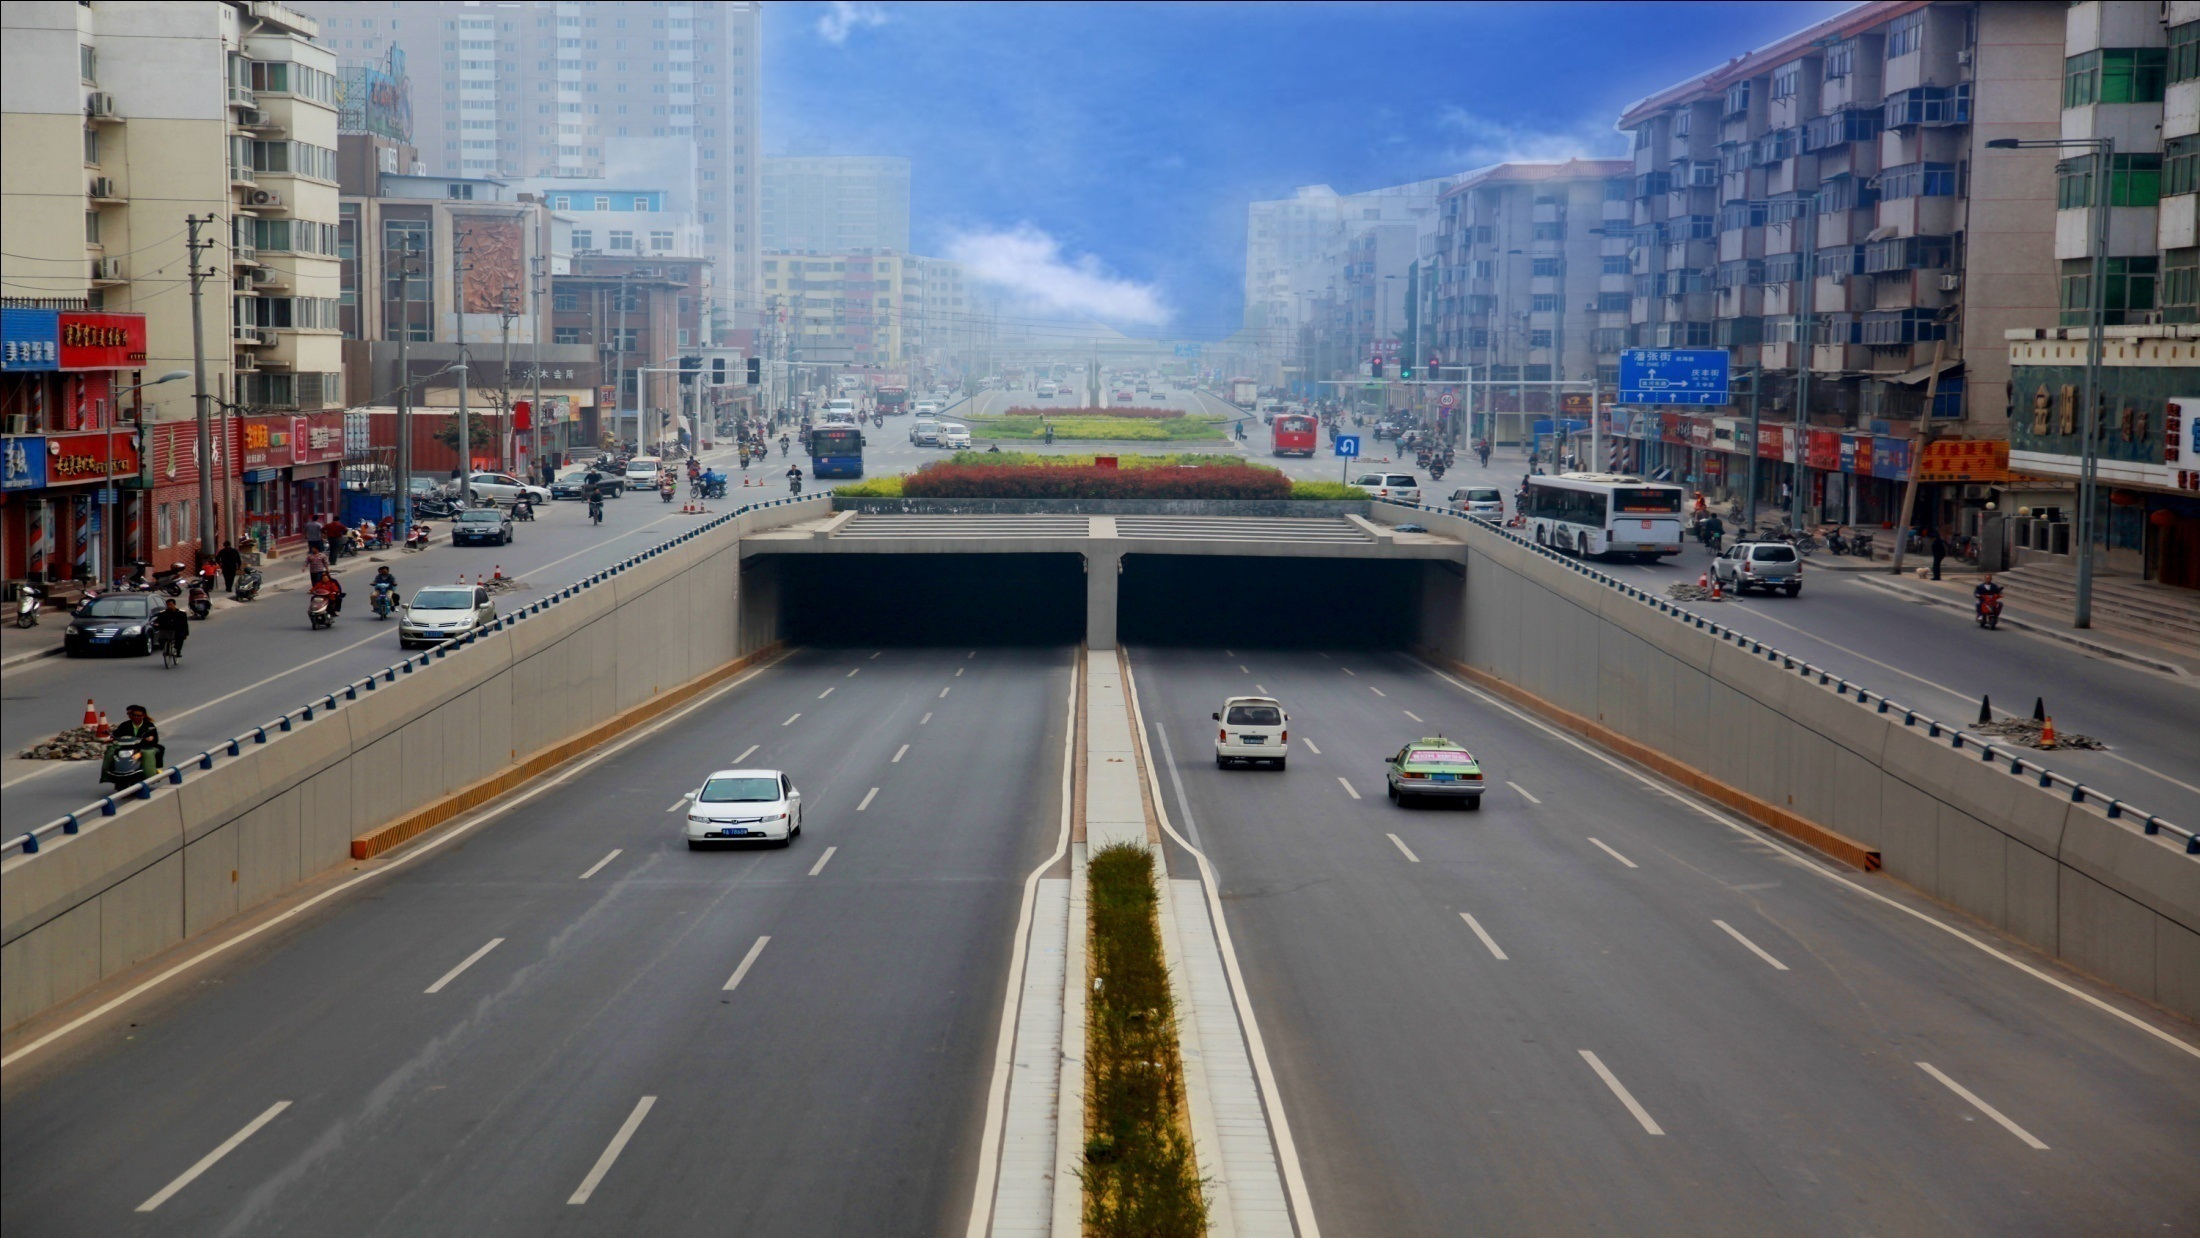 郑州市京广路—沙口路快速通道工程隧道三标